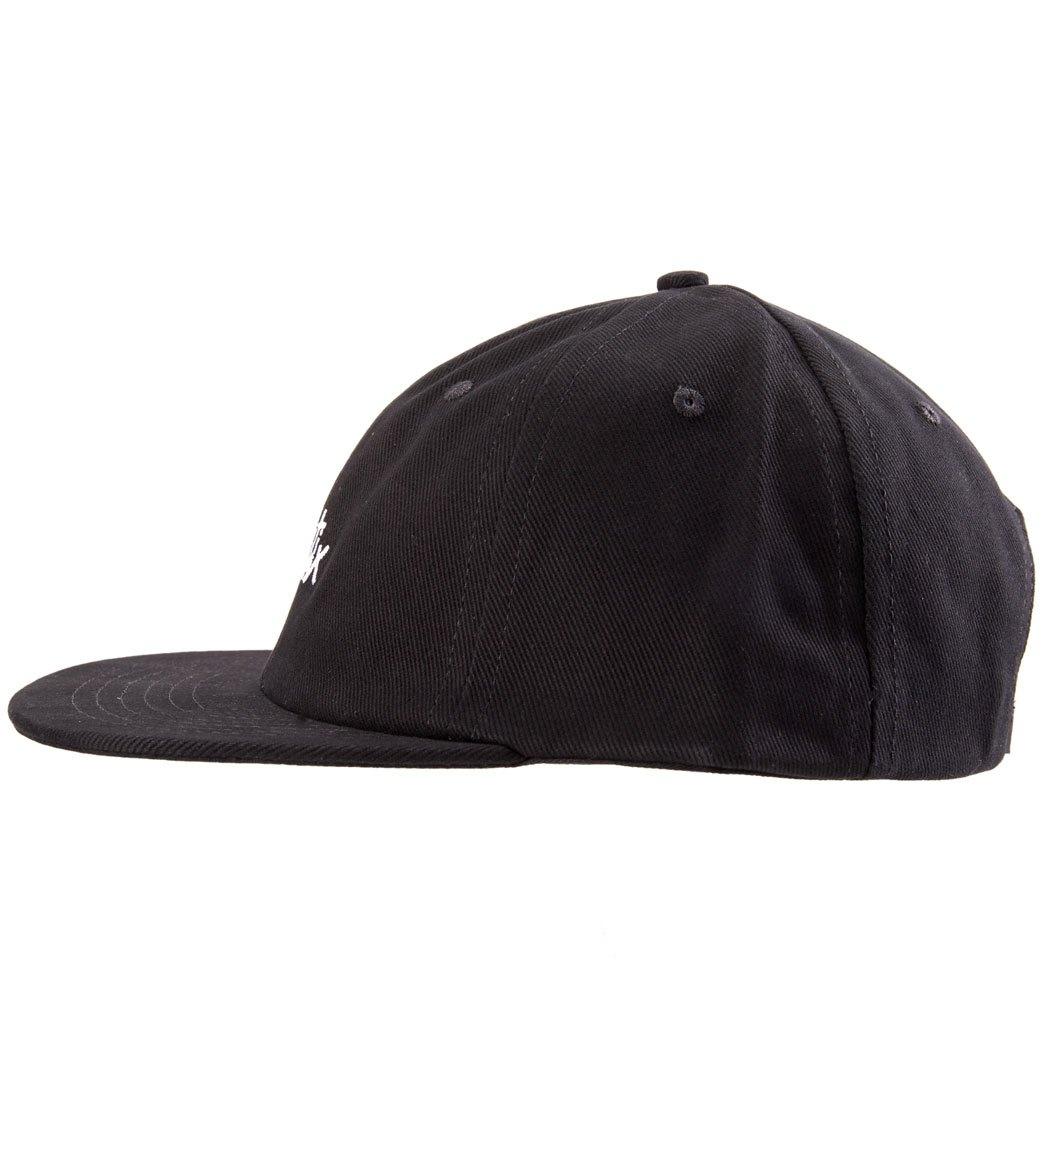 06680611 Matix Men's Classic Polo Hat at SwimOutlet.com